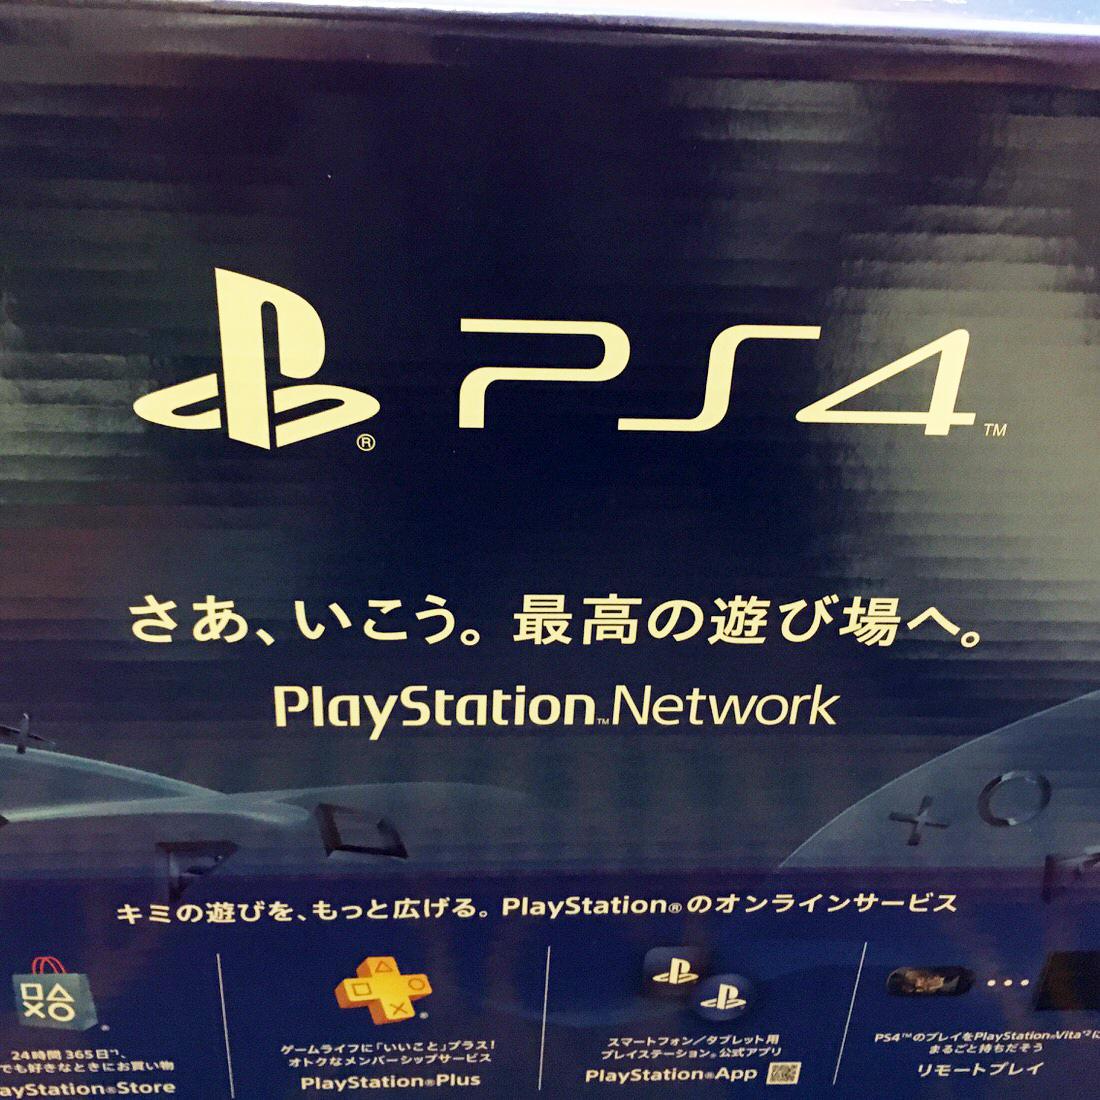 我が家にPS4が!!キレイな画質で動画からゲーム・オンライン対戦まで楽しめるようになった!